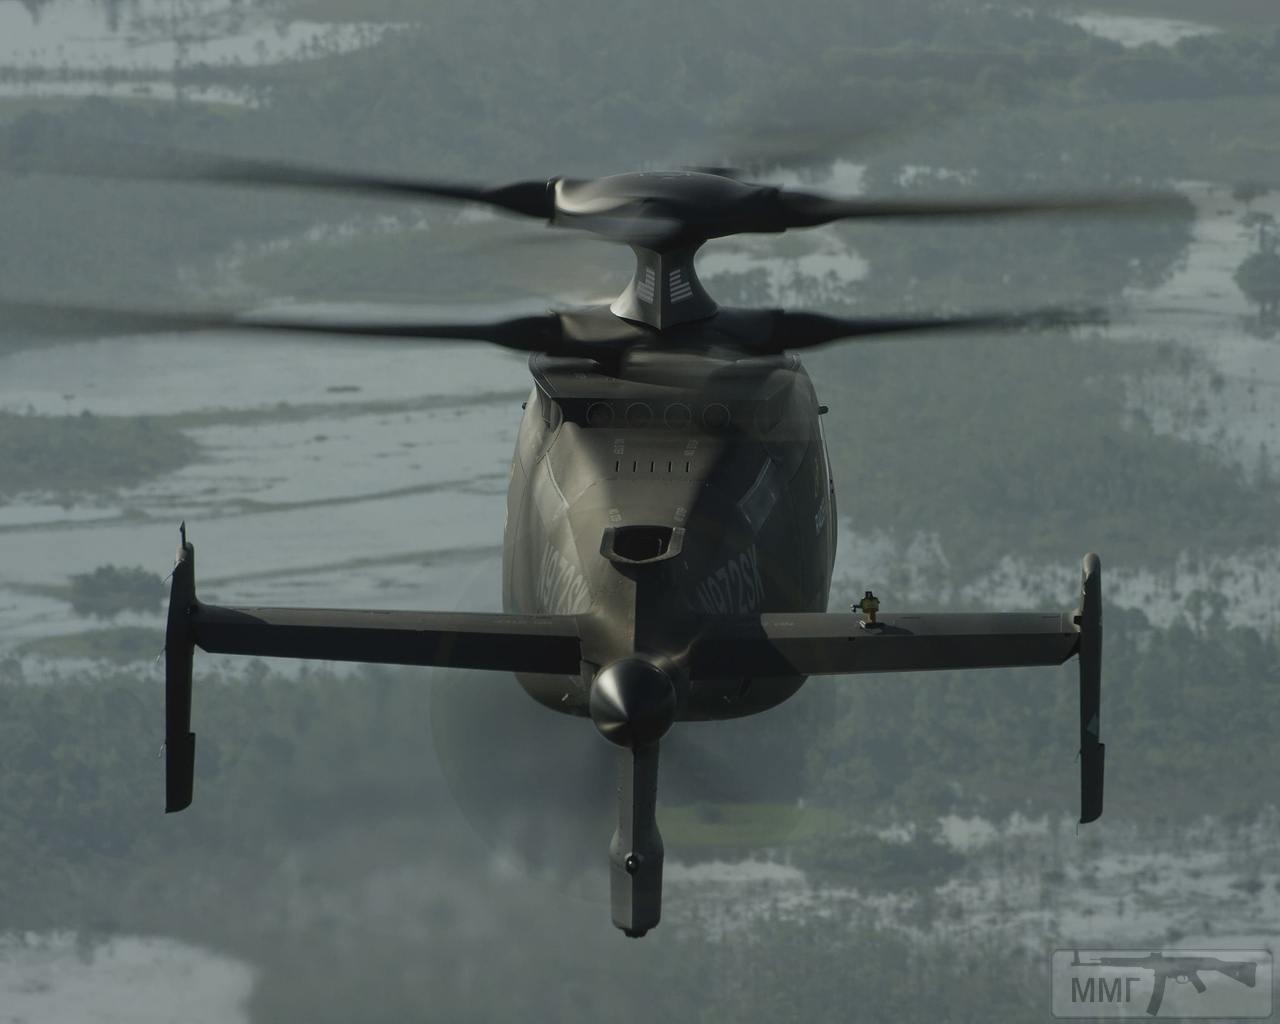 50818 - Красивые фото и видео боевых самолетов и вертолетов